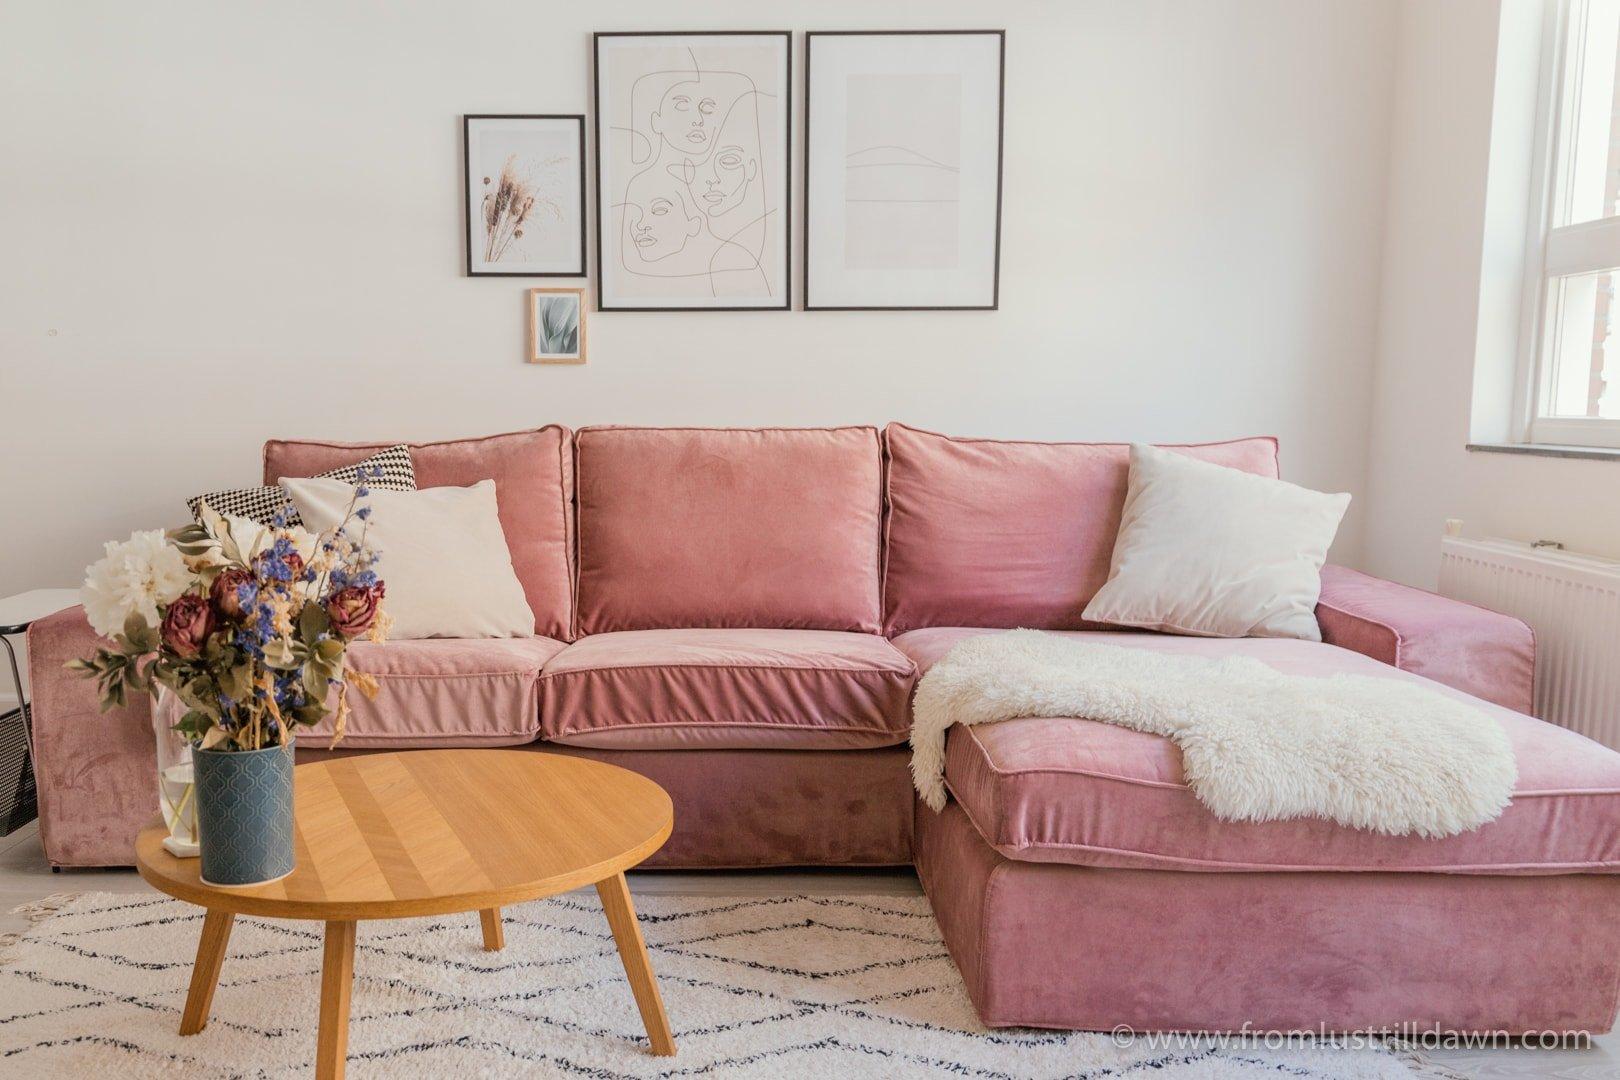 custom IKEA sofa covers in Clover Pink velvet by Bemz